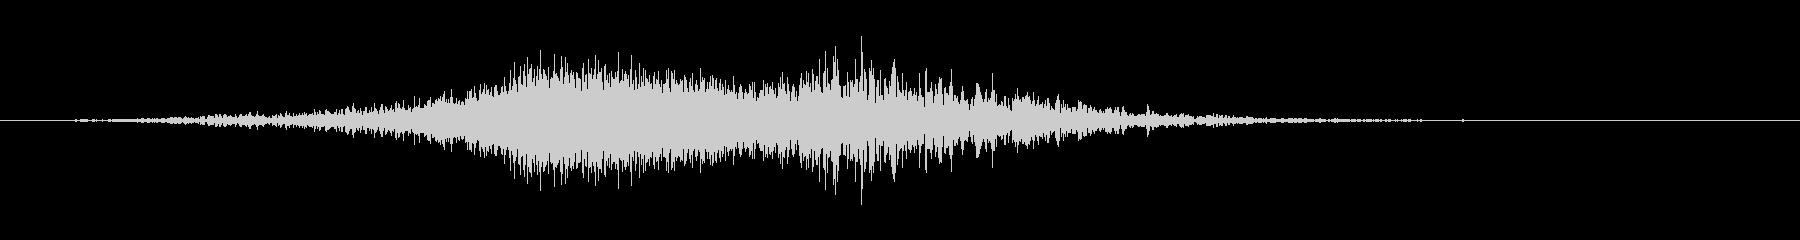 中空インパクトのスパイラルアプローチ1の未再生の波形